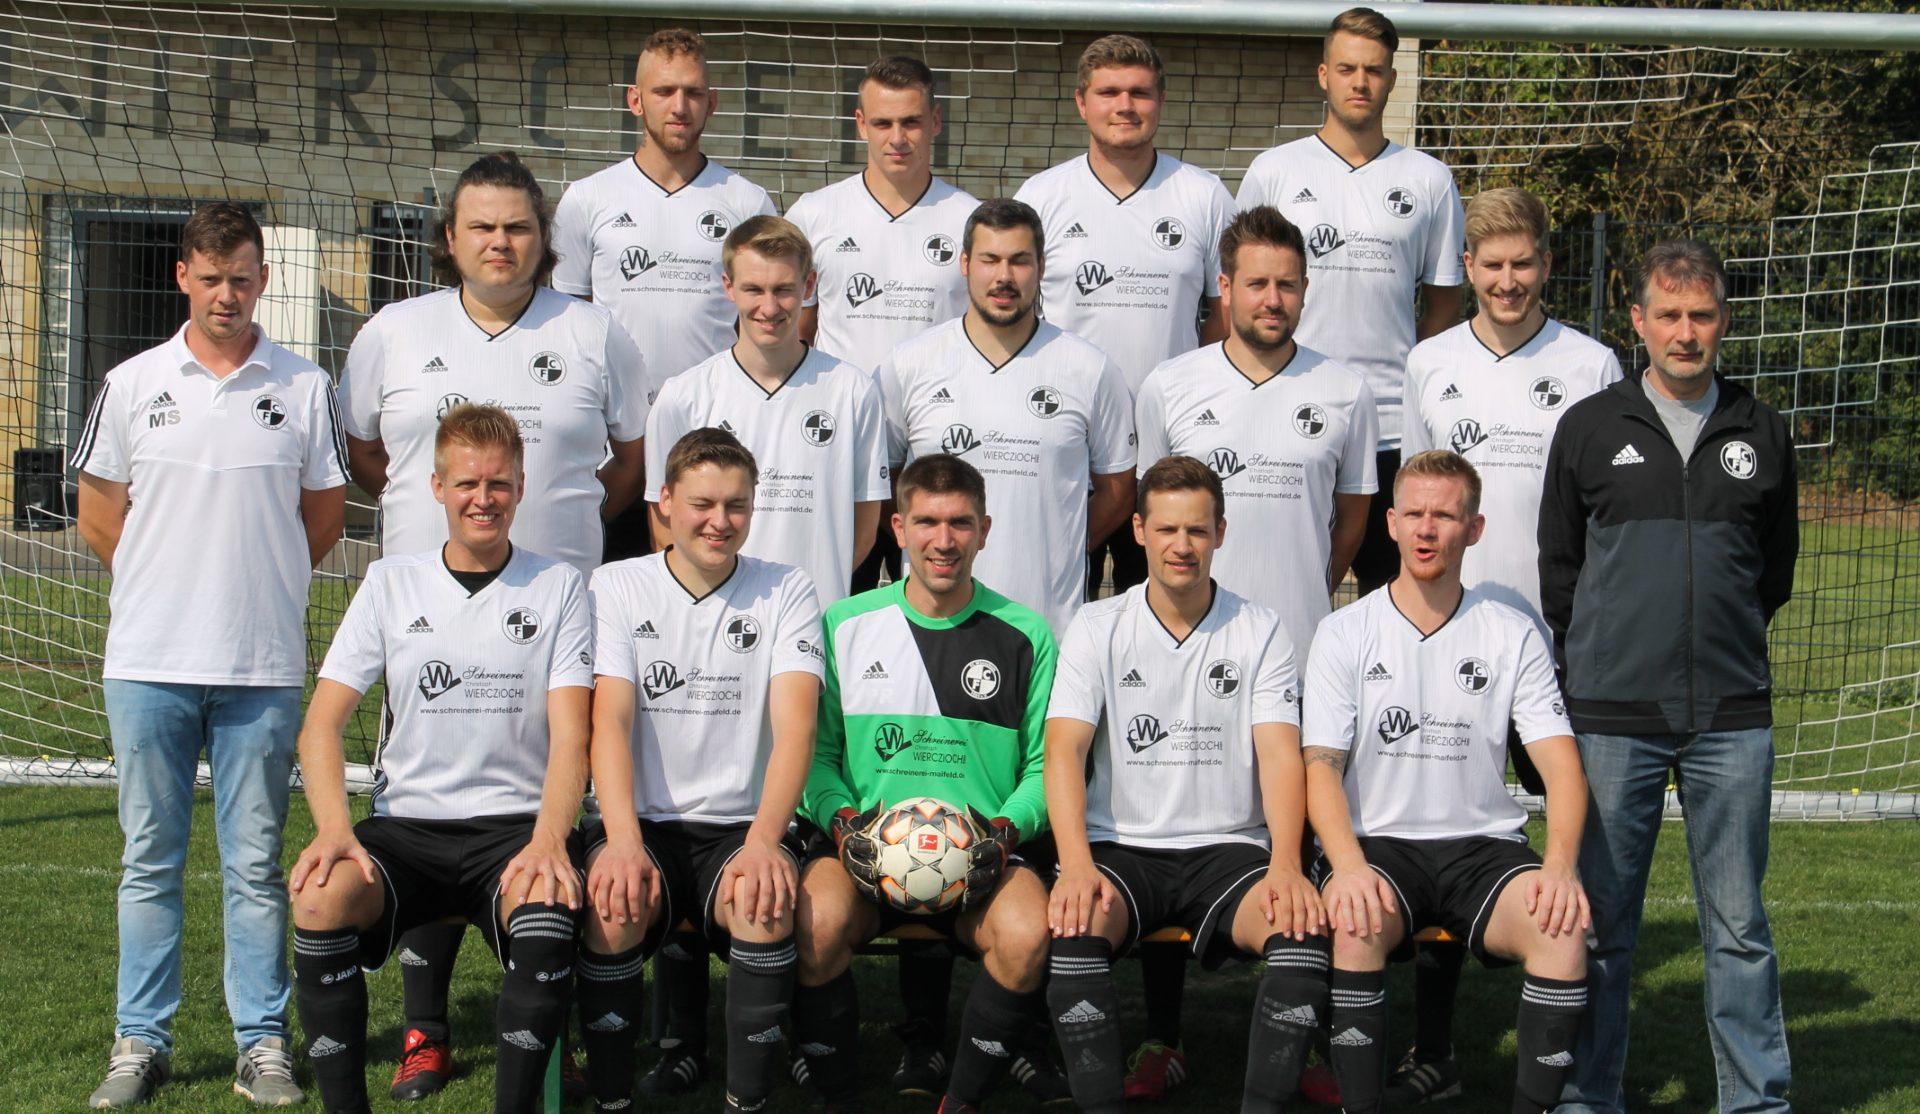 FC Wierschem 1964 e.V.